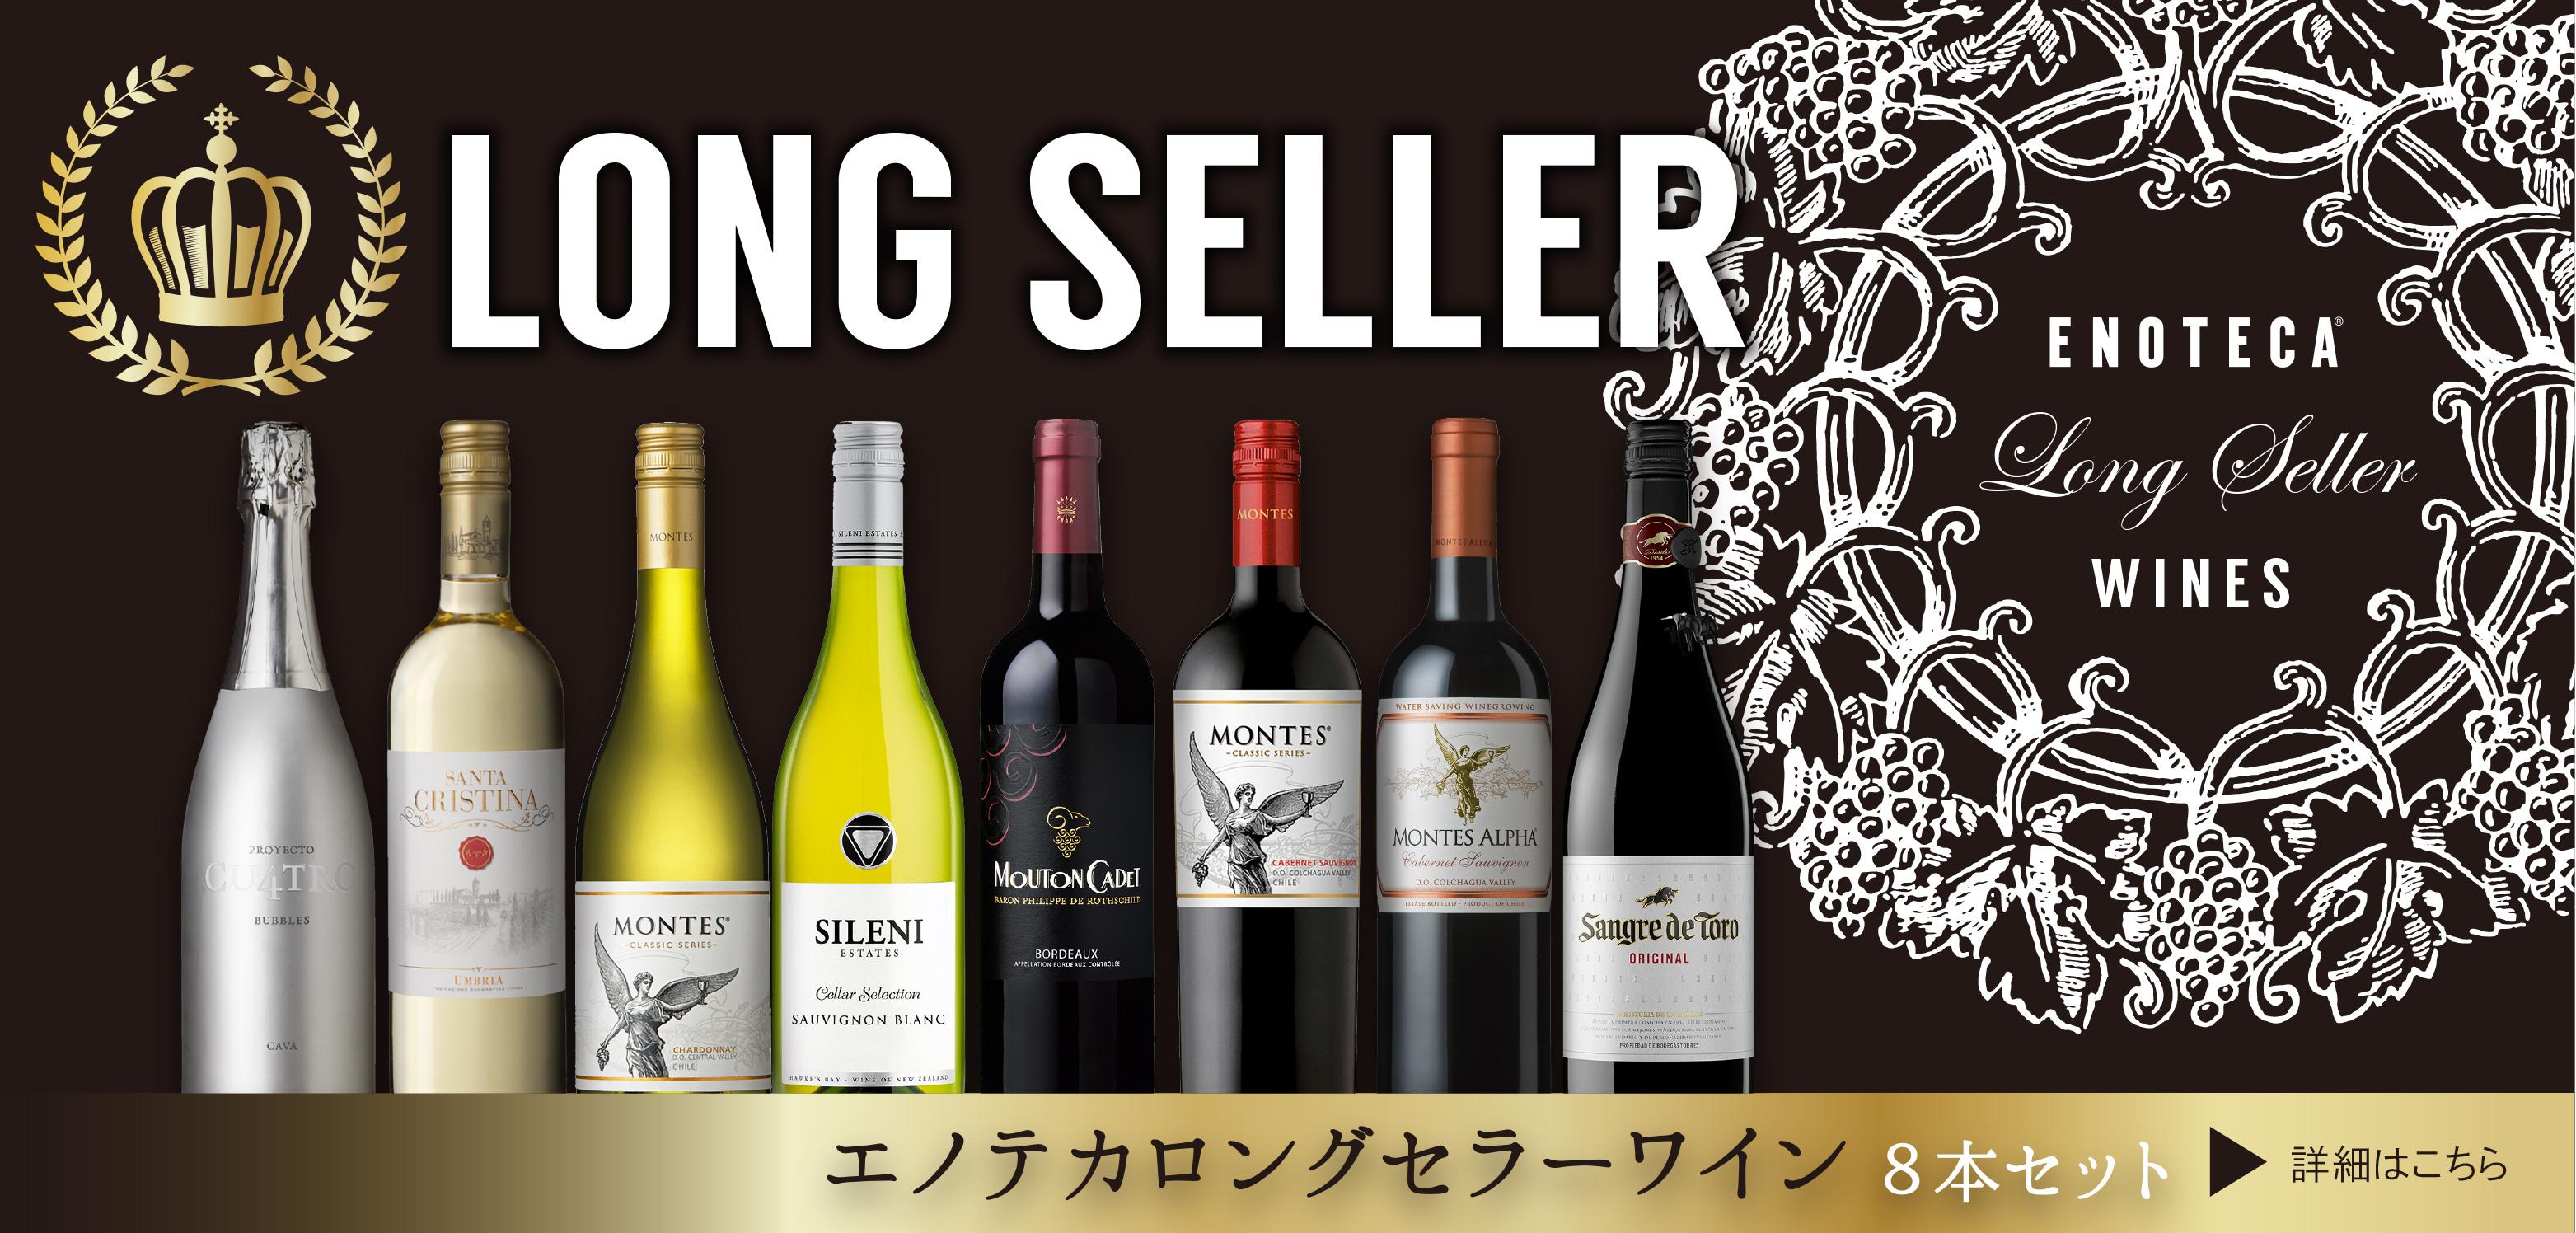 エノテカ ロングセラーワイン8本セット(エノテカ)